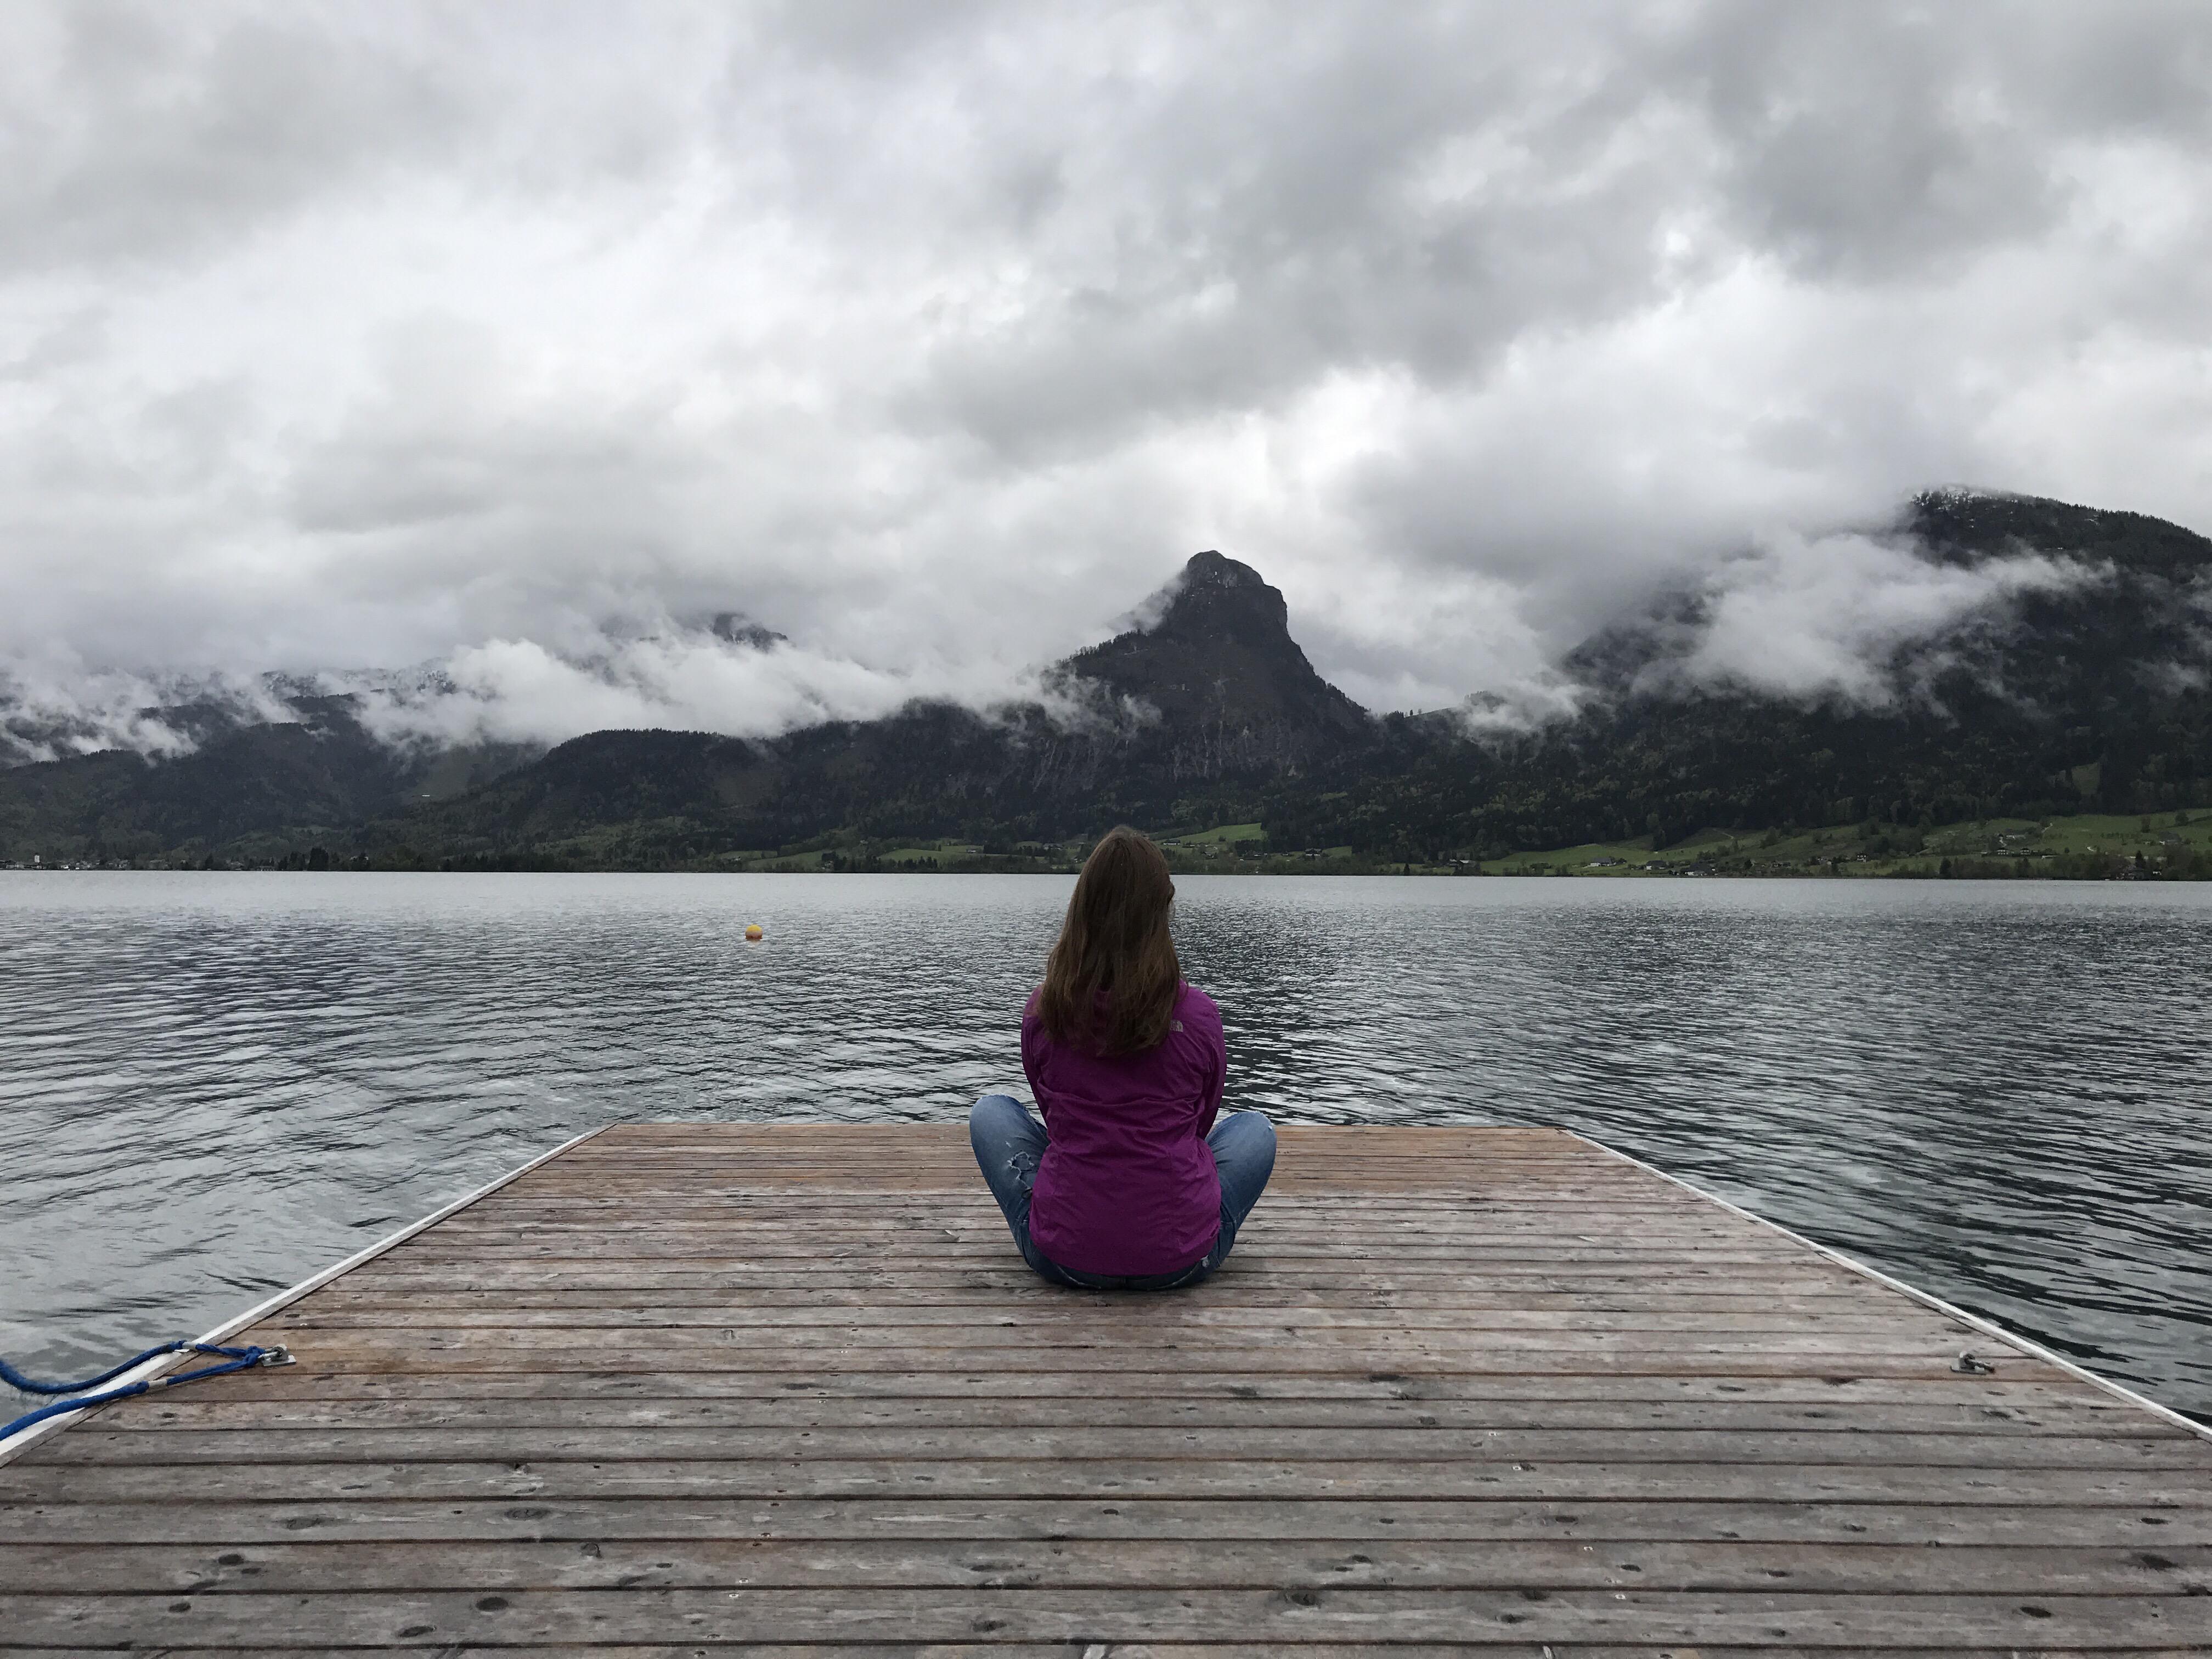 Meditation und Führung - Über die Kraft der Stille